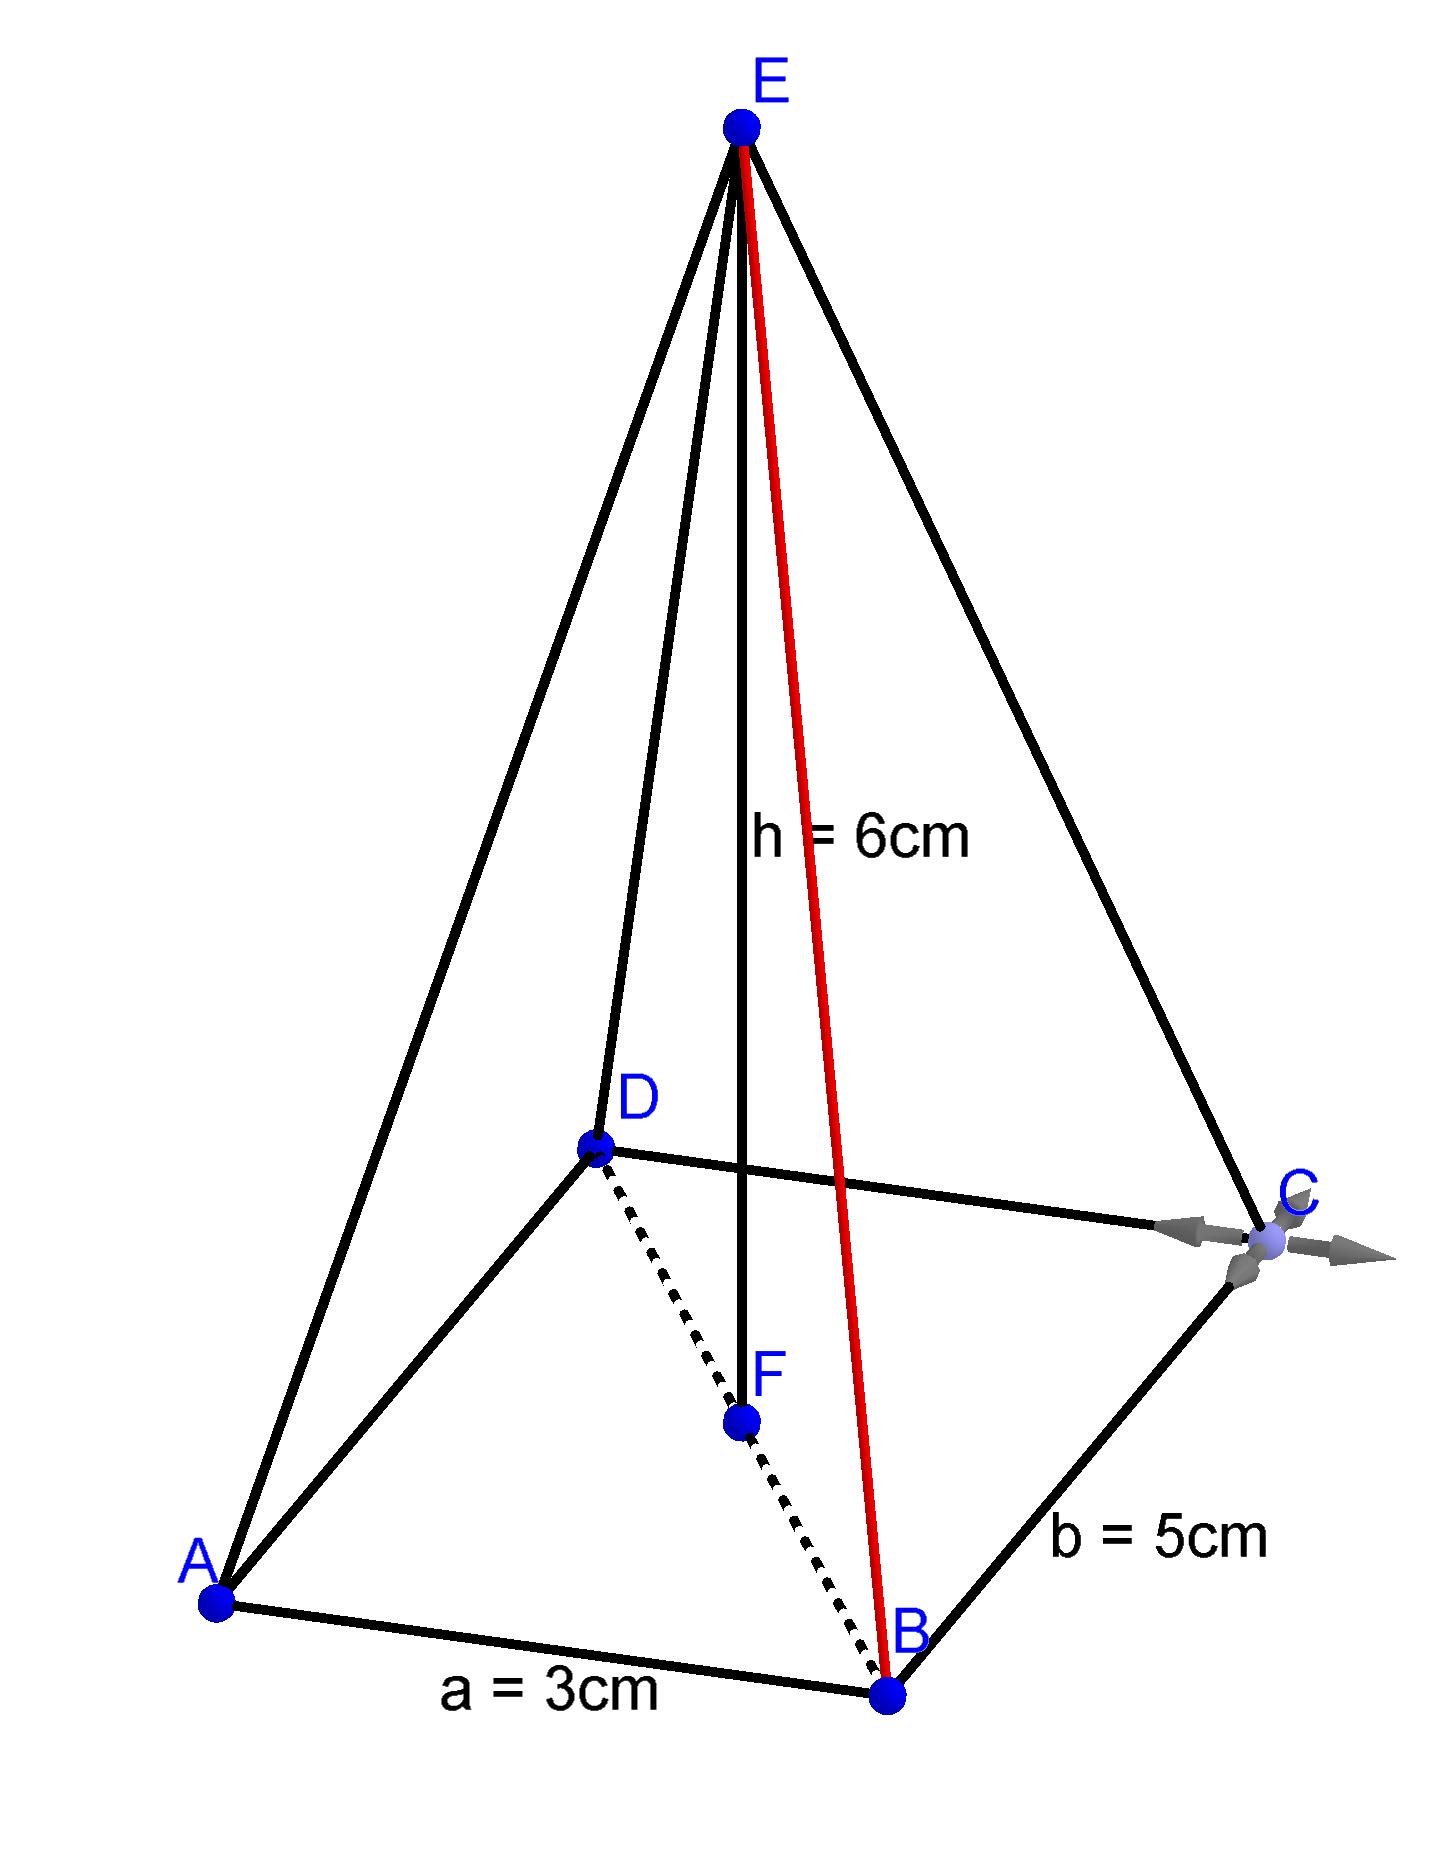 hnlichkeit und pythagoras berechnungen in k rpern digitales schulbuch mathe. Black Bedroom Furniture Sets. Home Design Ideas